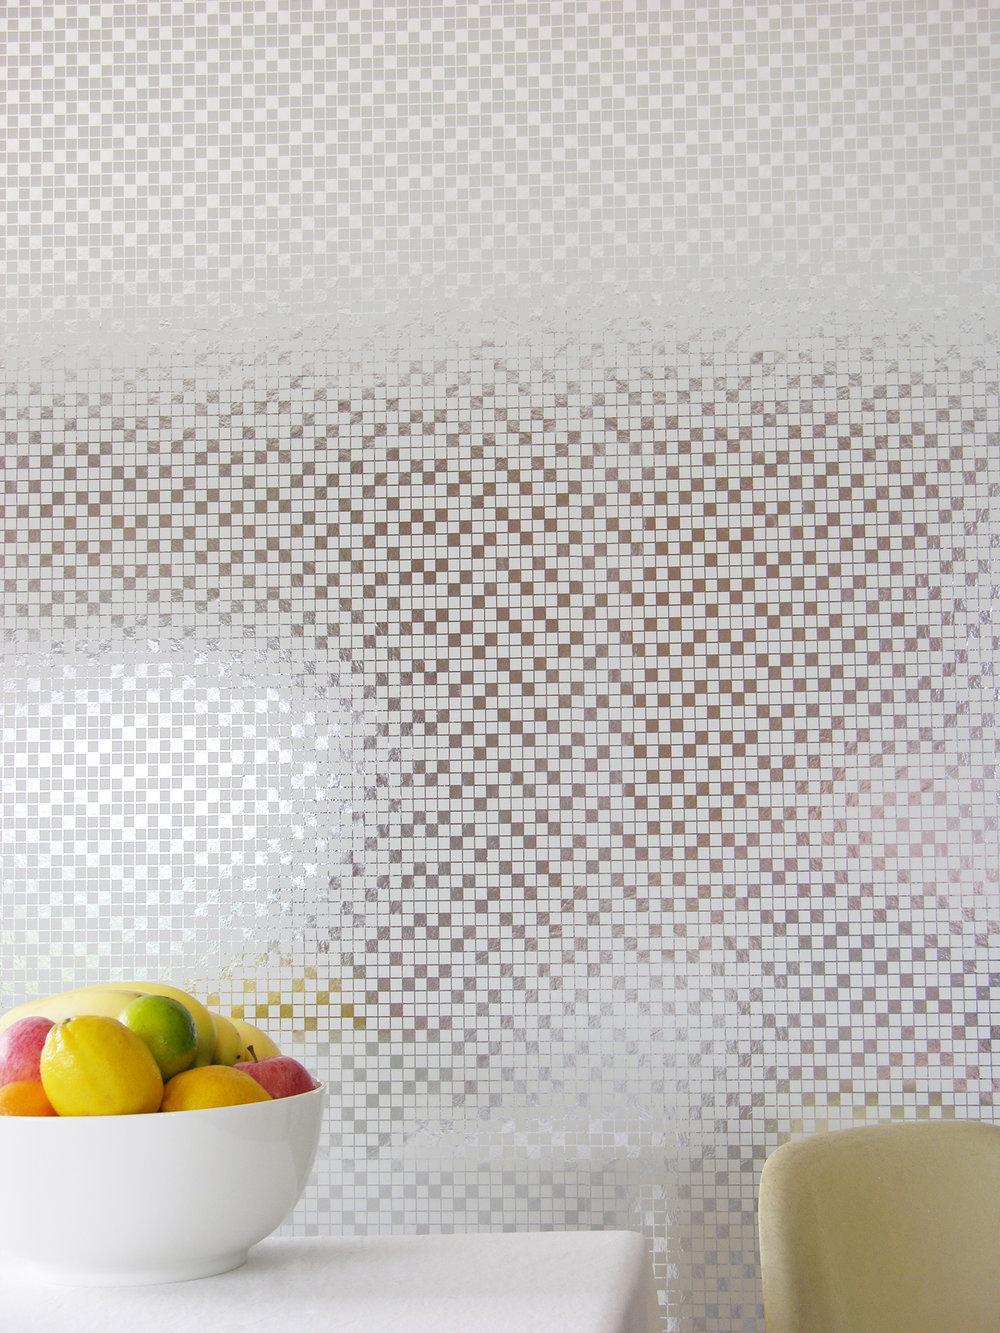 Tiles001_whitesilver.jpg